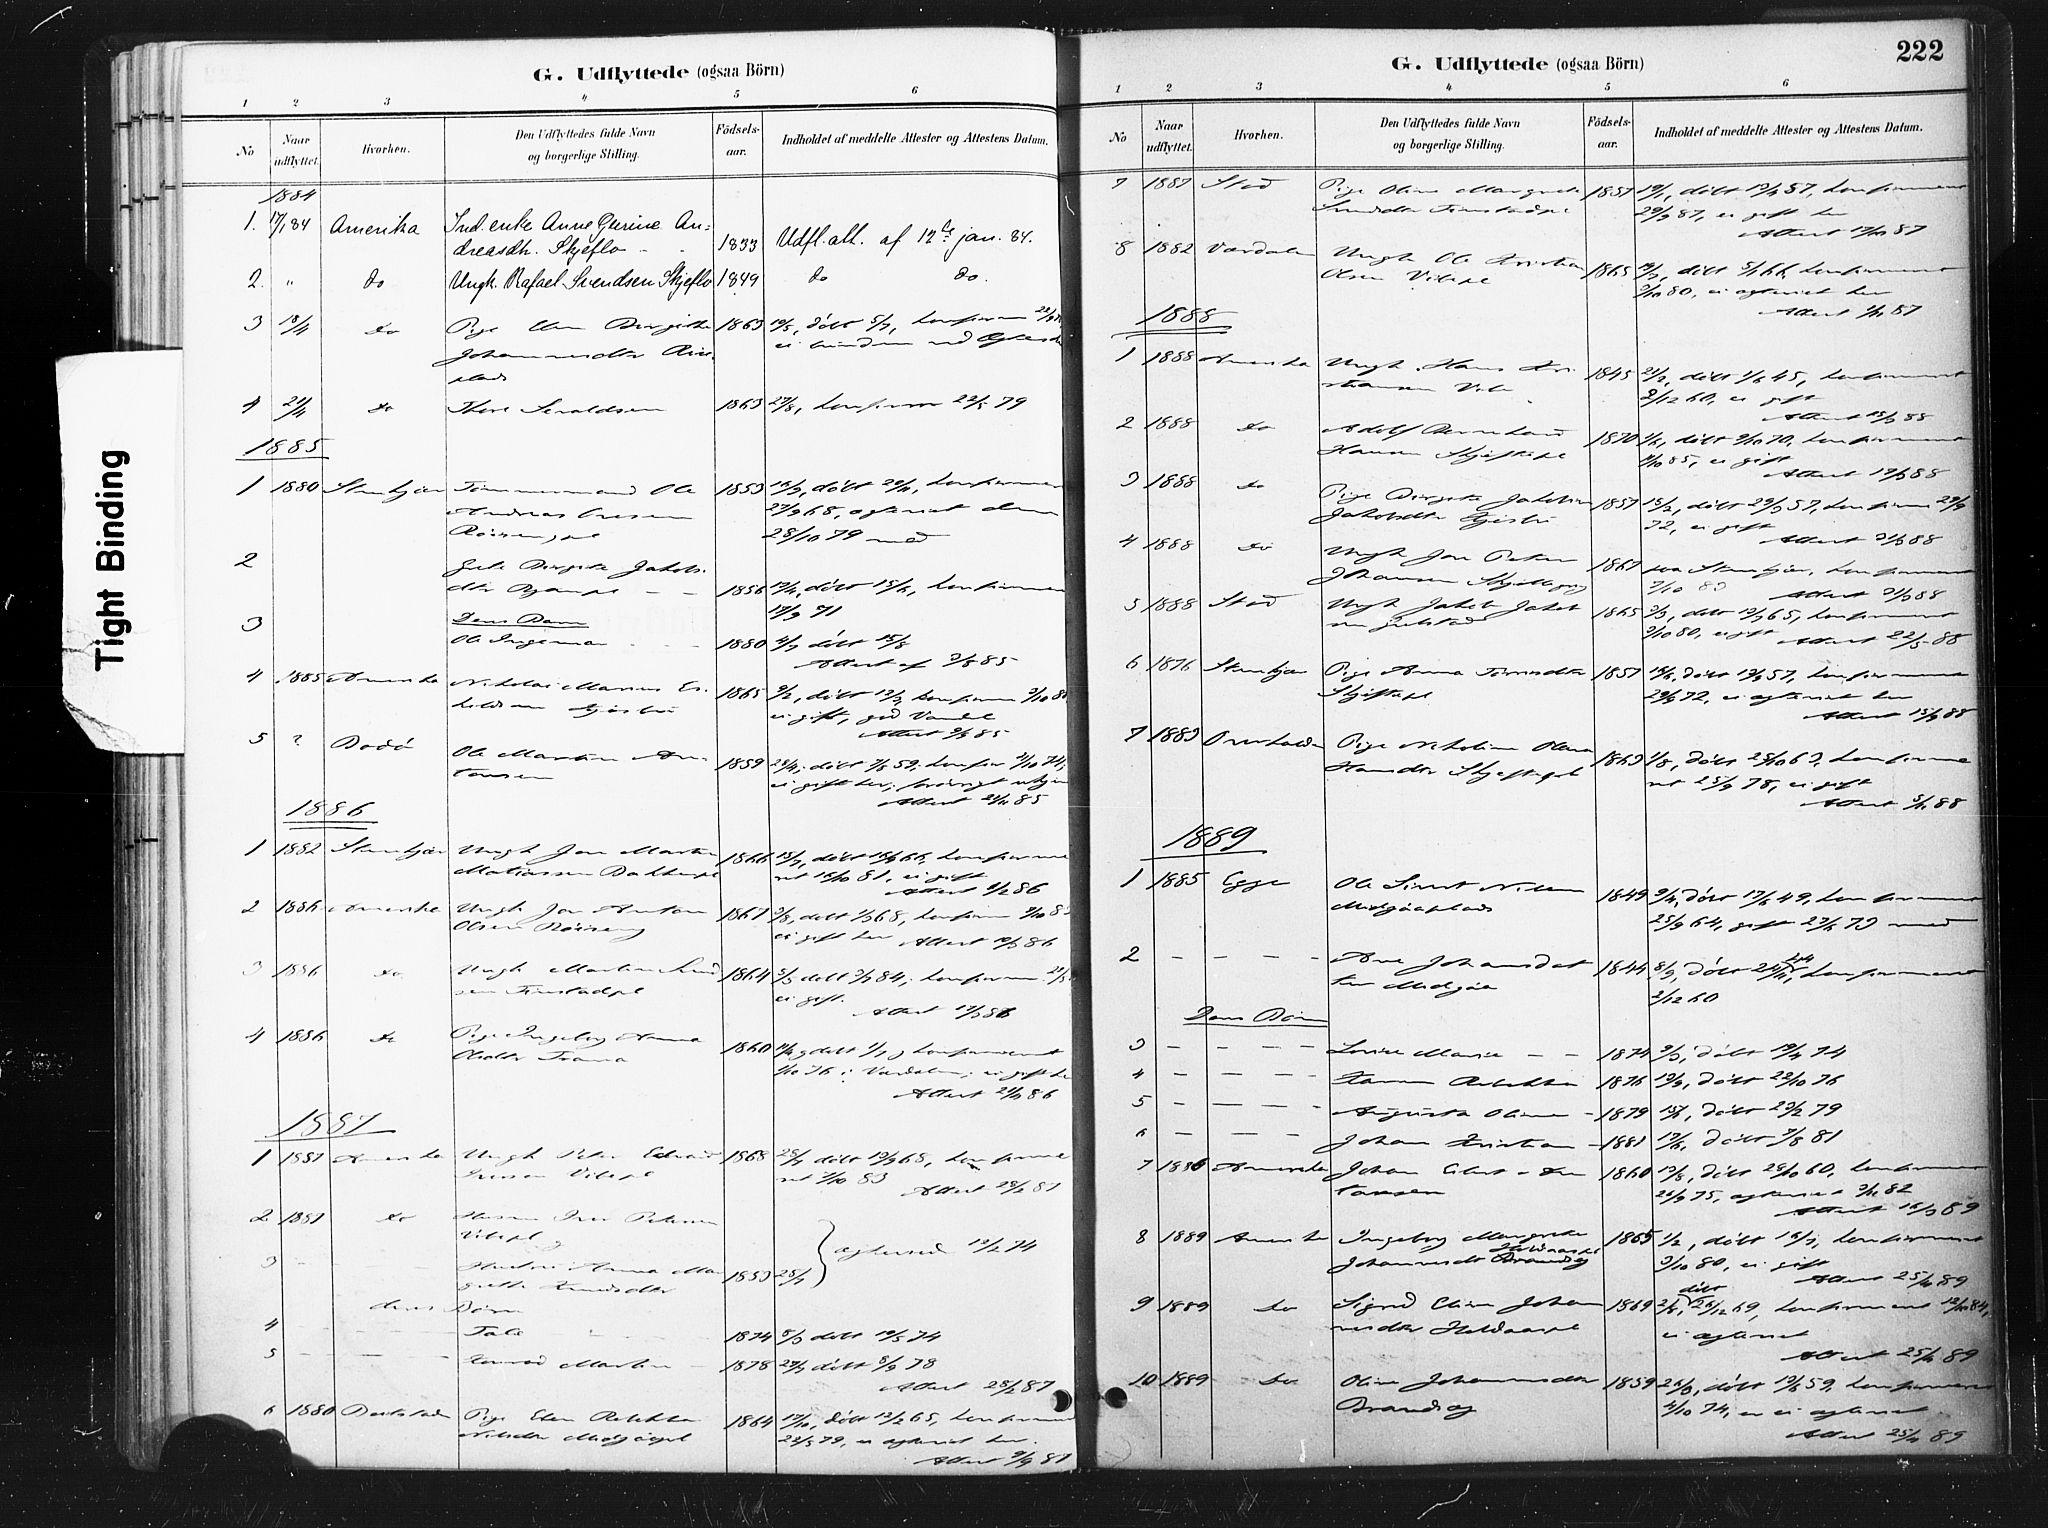 SAT, Ministerialprotokoller, klokkerbøker og fødselsregistre - Nord-Trøndelag, 736/L0361: Ministerialbok nr. 736A01, 1884-1906, s. 222